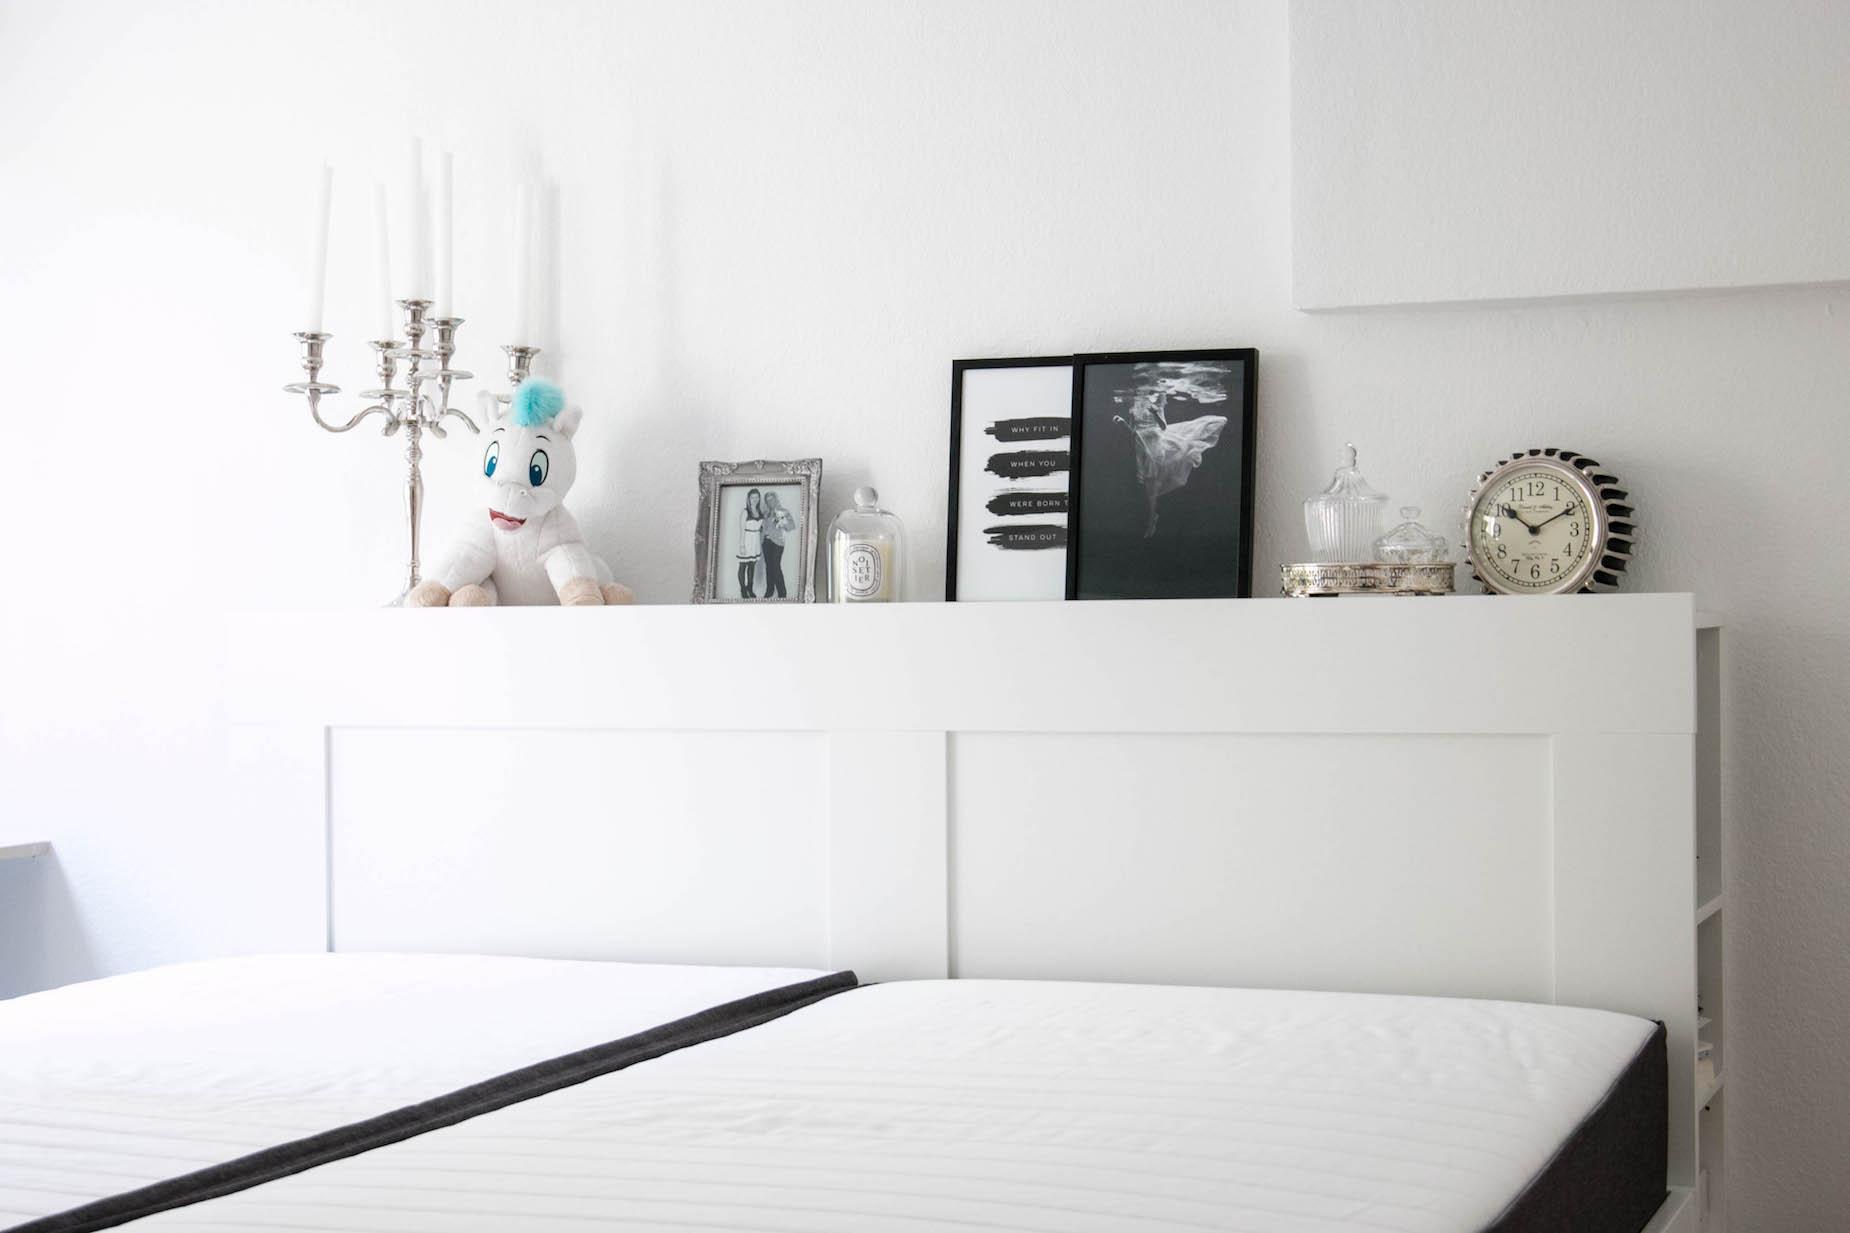 Schlafzimmer Inspiration Weiss Sara Bow Bloggerin Interior